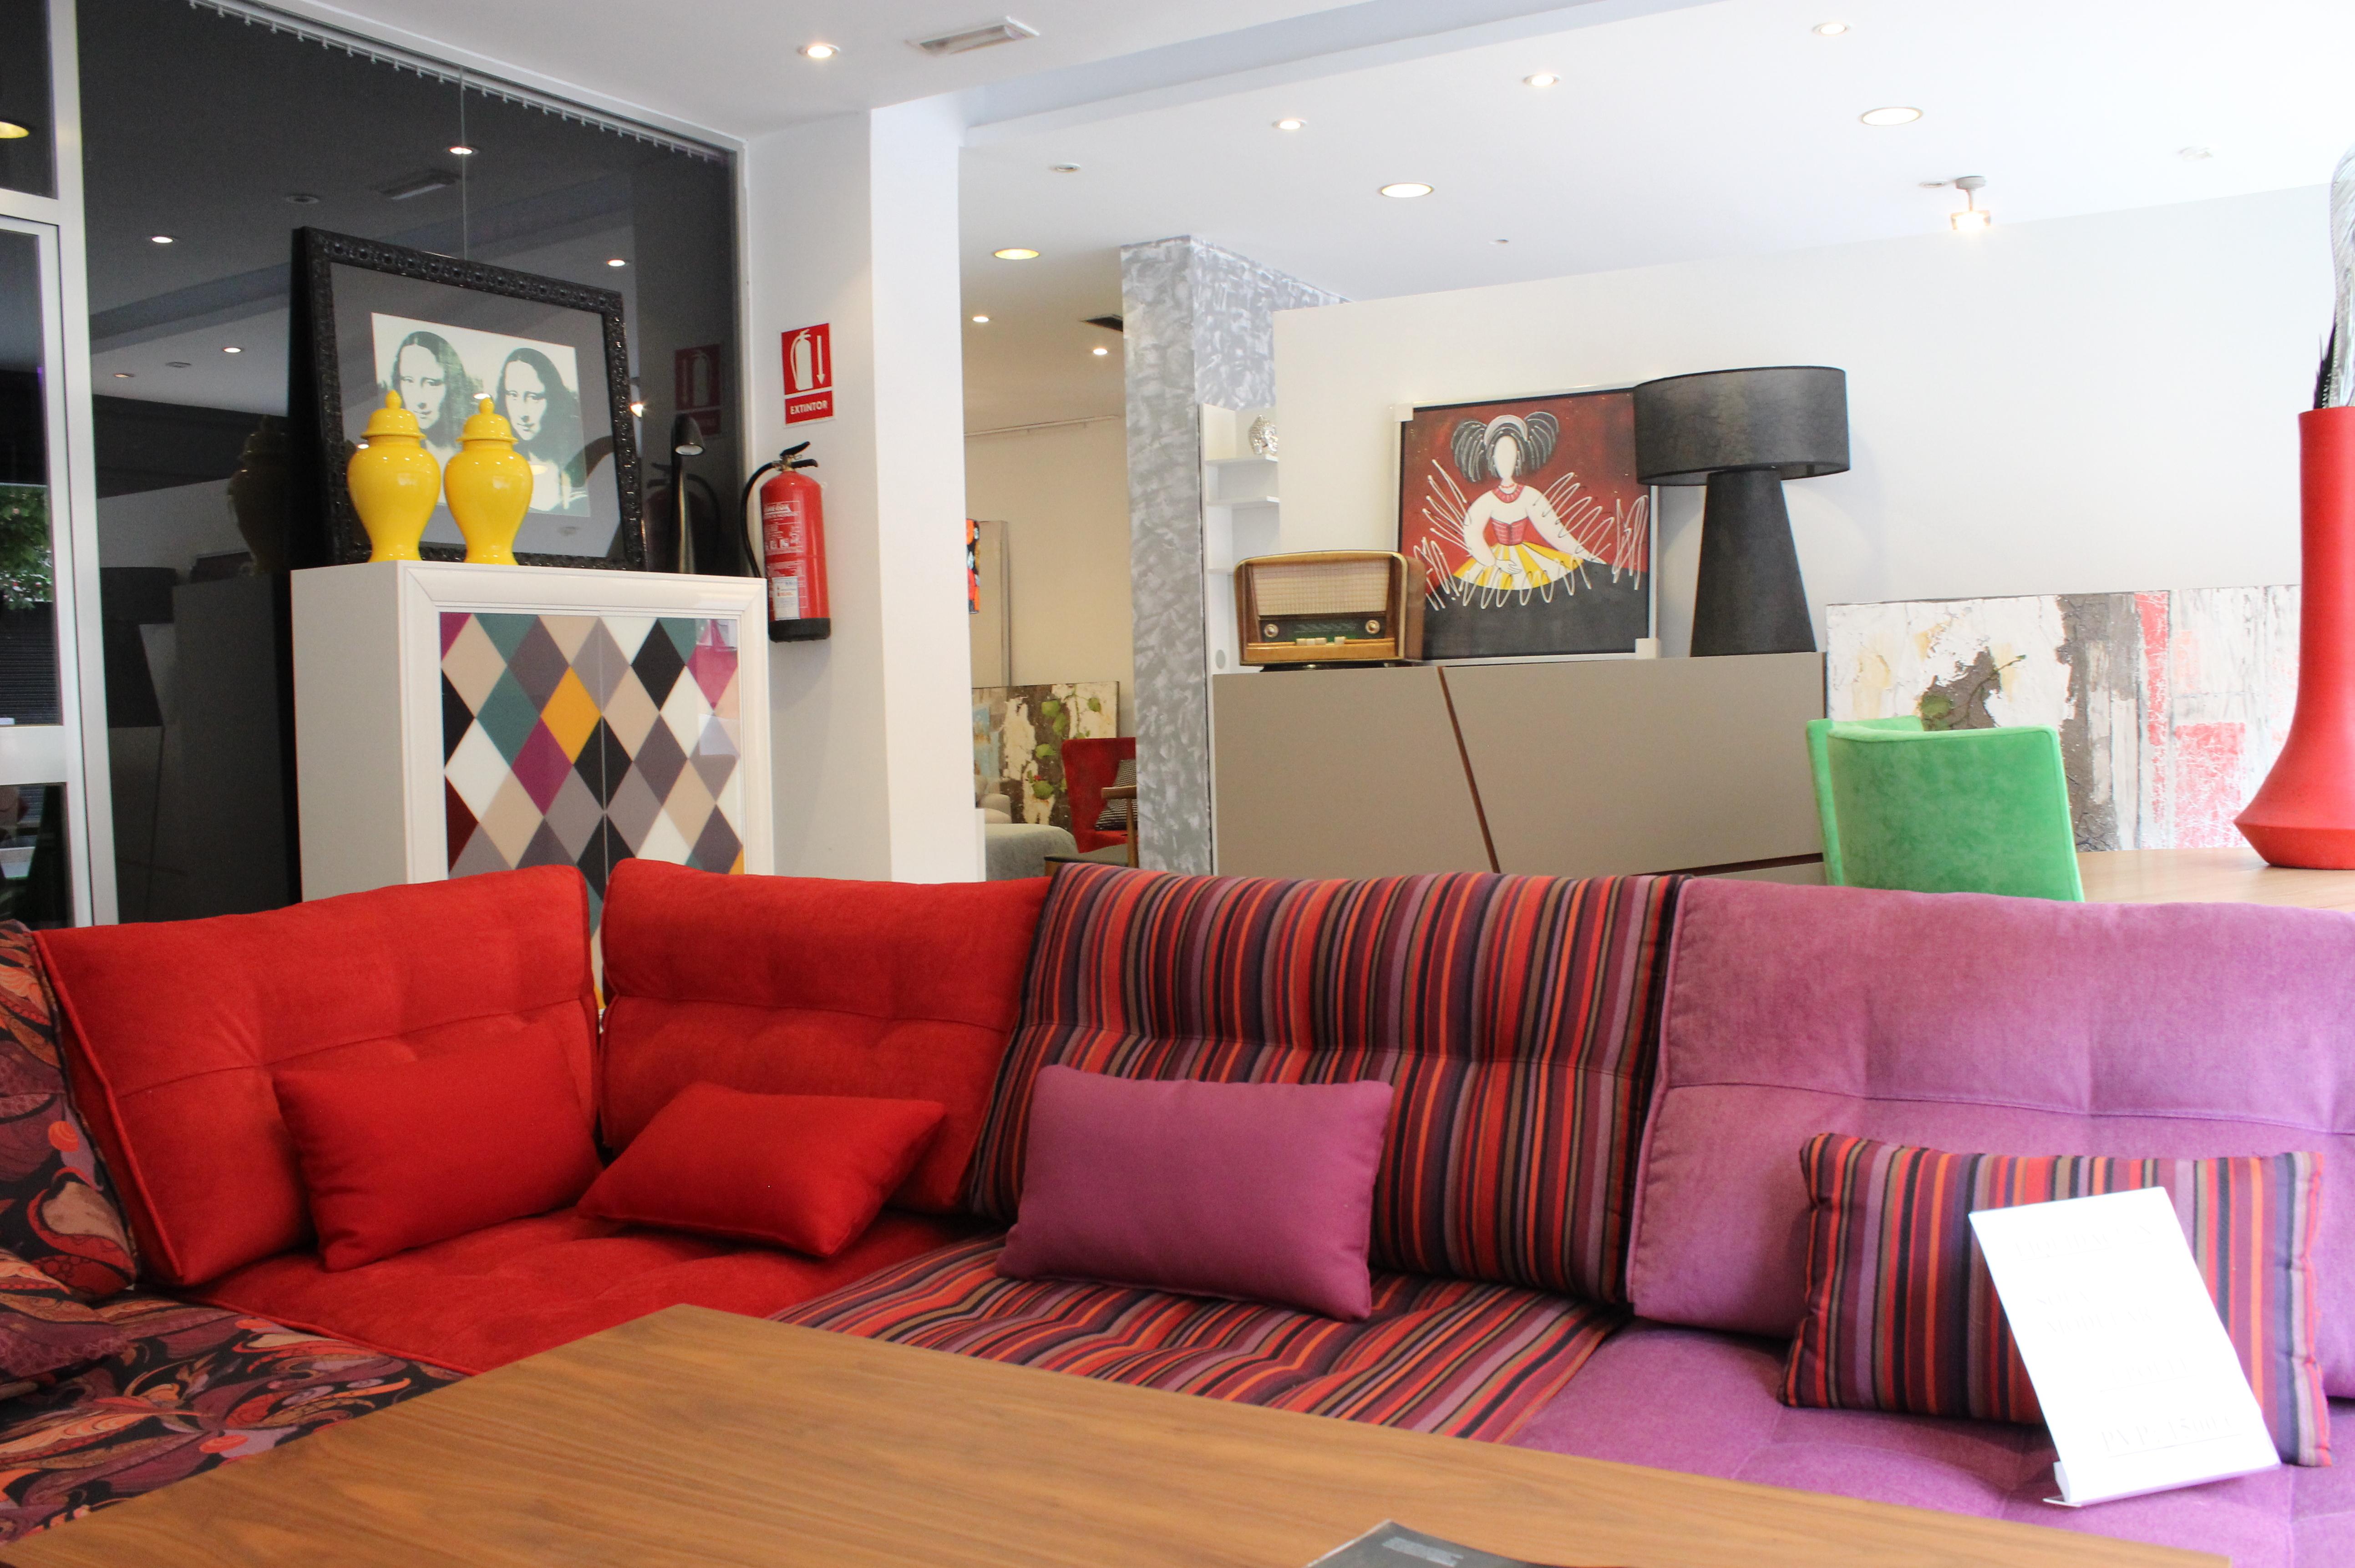 Foto 7 De Muebles En Getafe Goga Muebles Complementos # Muebles Getafe Avenida De Las Ciudades